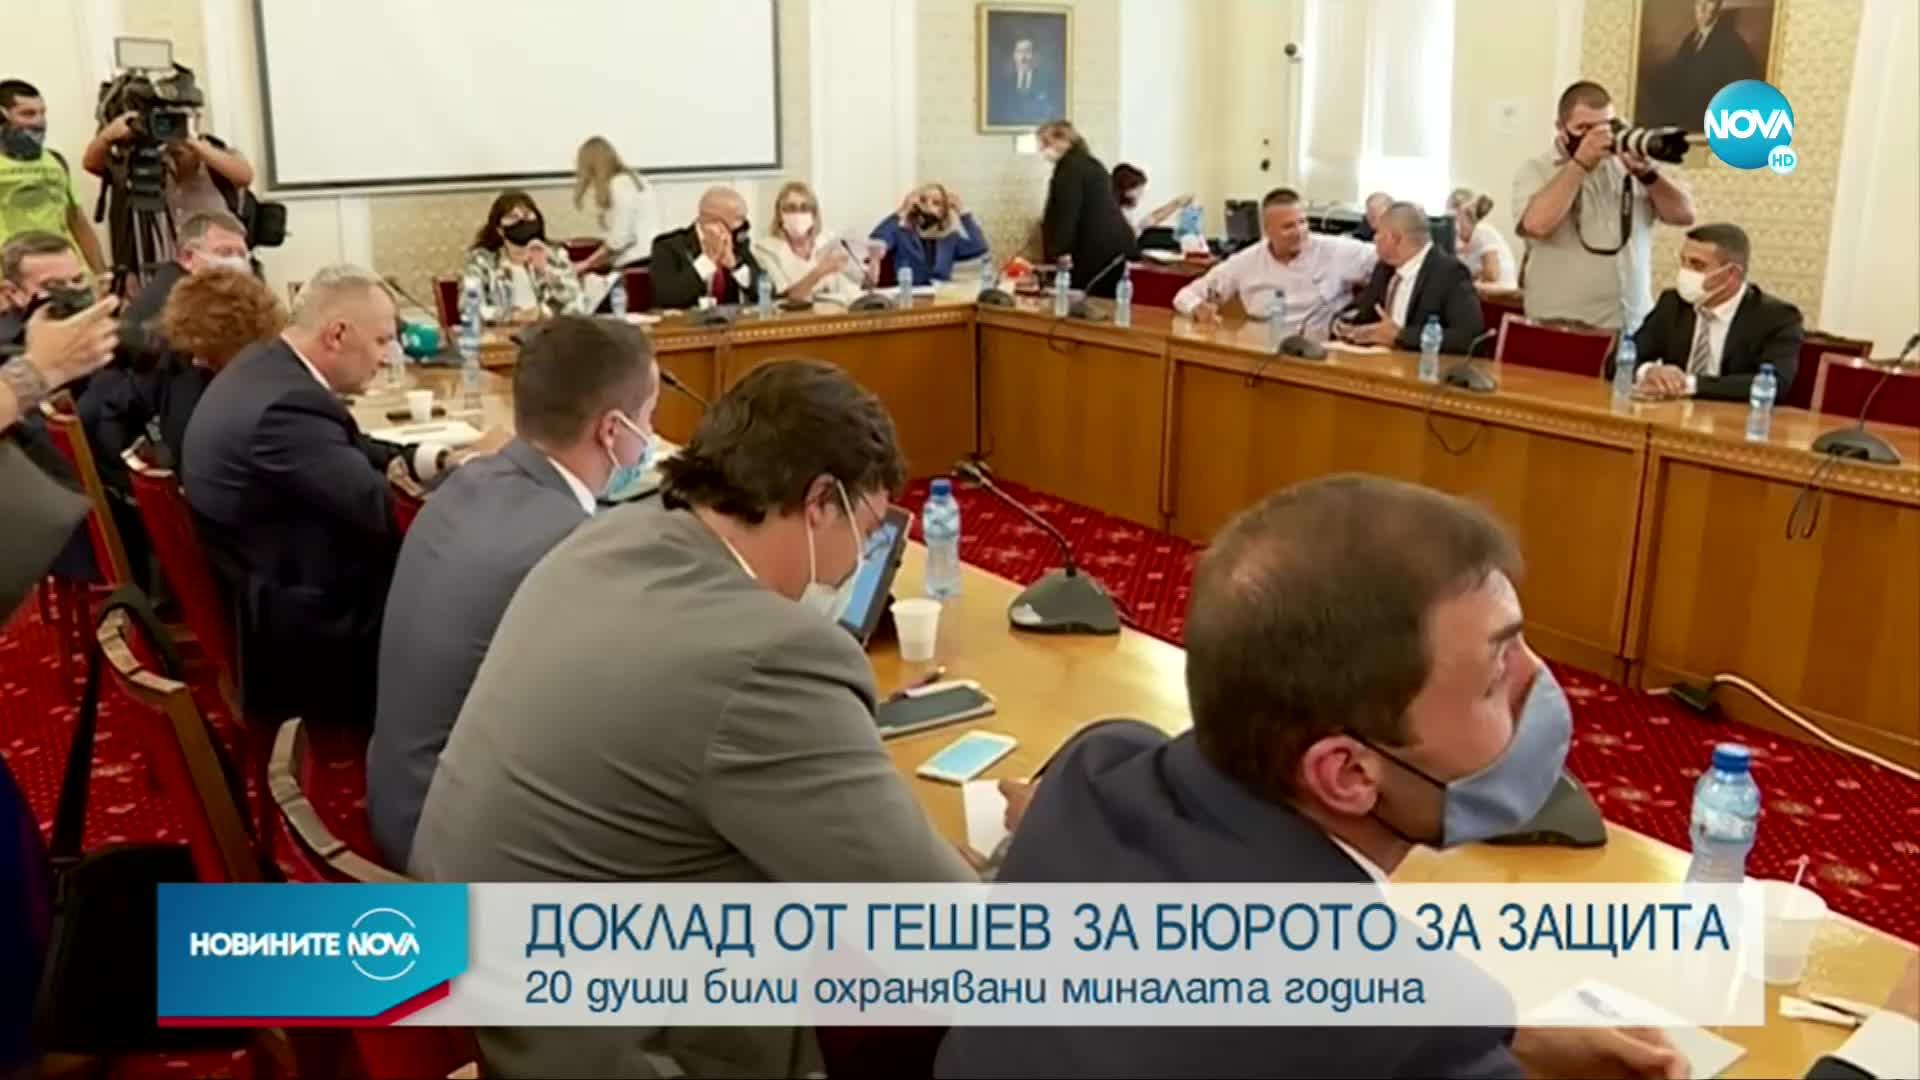 Правната комисия ще разгледа доклада на Гешев за Бюрото за защита